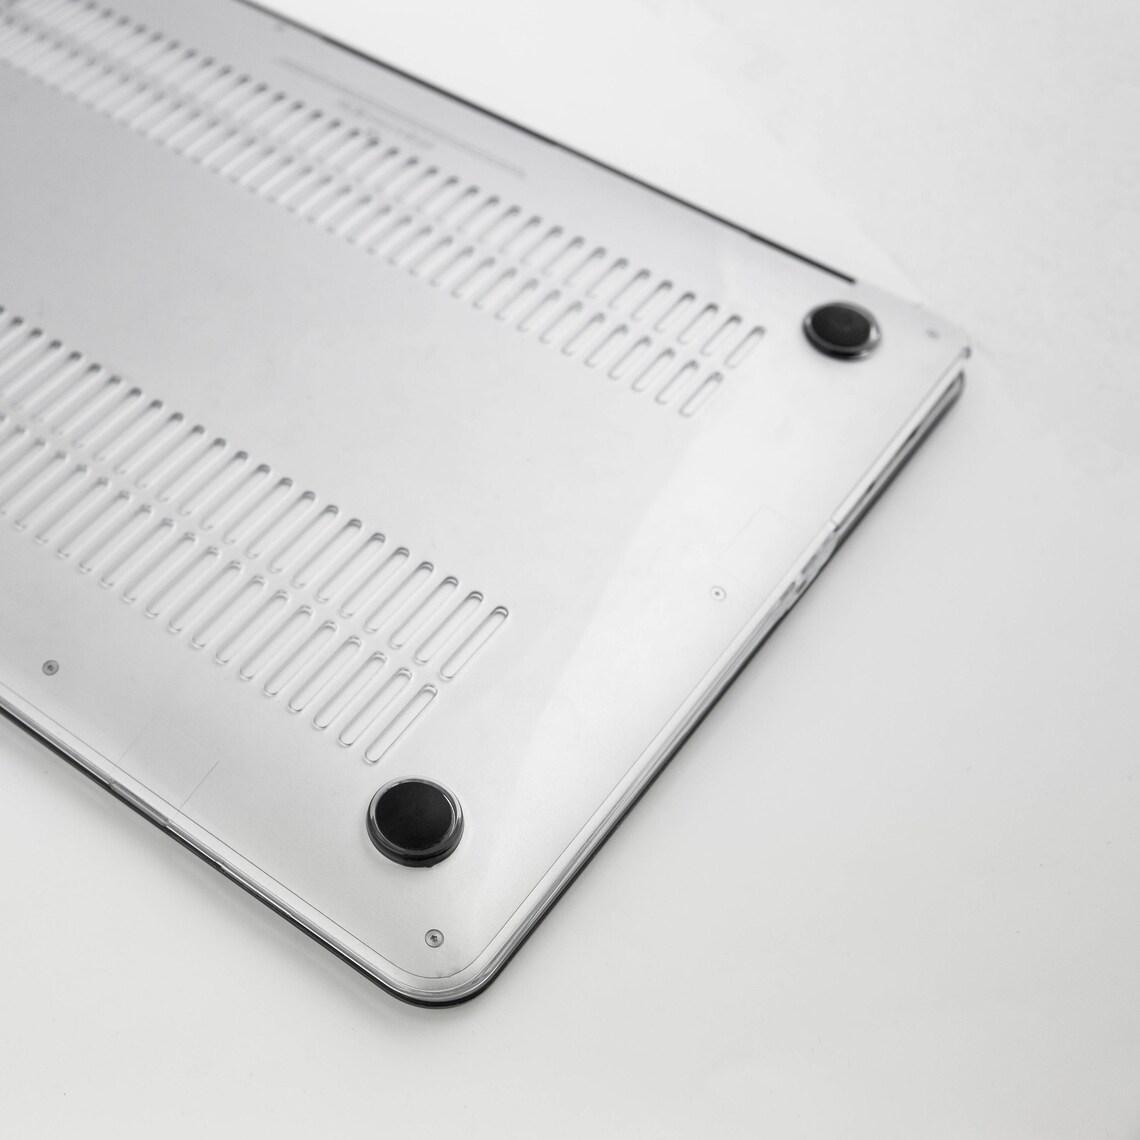 Space UFO 2019 Macbook Pro 16 Case  Planet Mens Macbook Air 13 Inch Case 13 Inch Macbook Pro Case 15 Apple Macbook Pro Case Asronaut  YZ5213